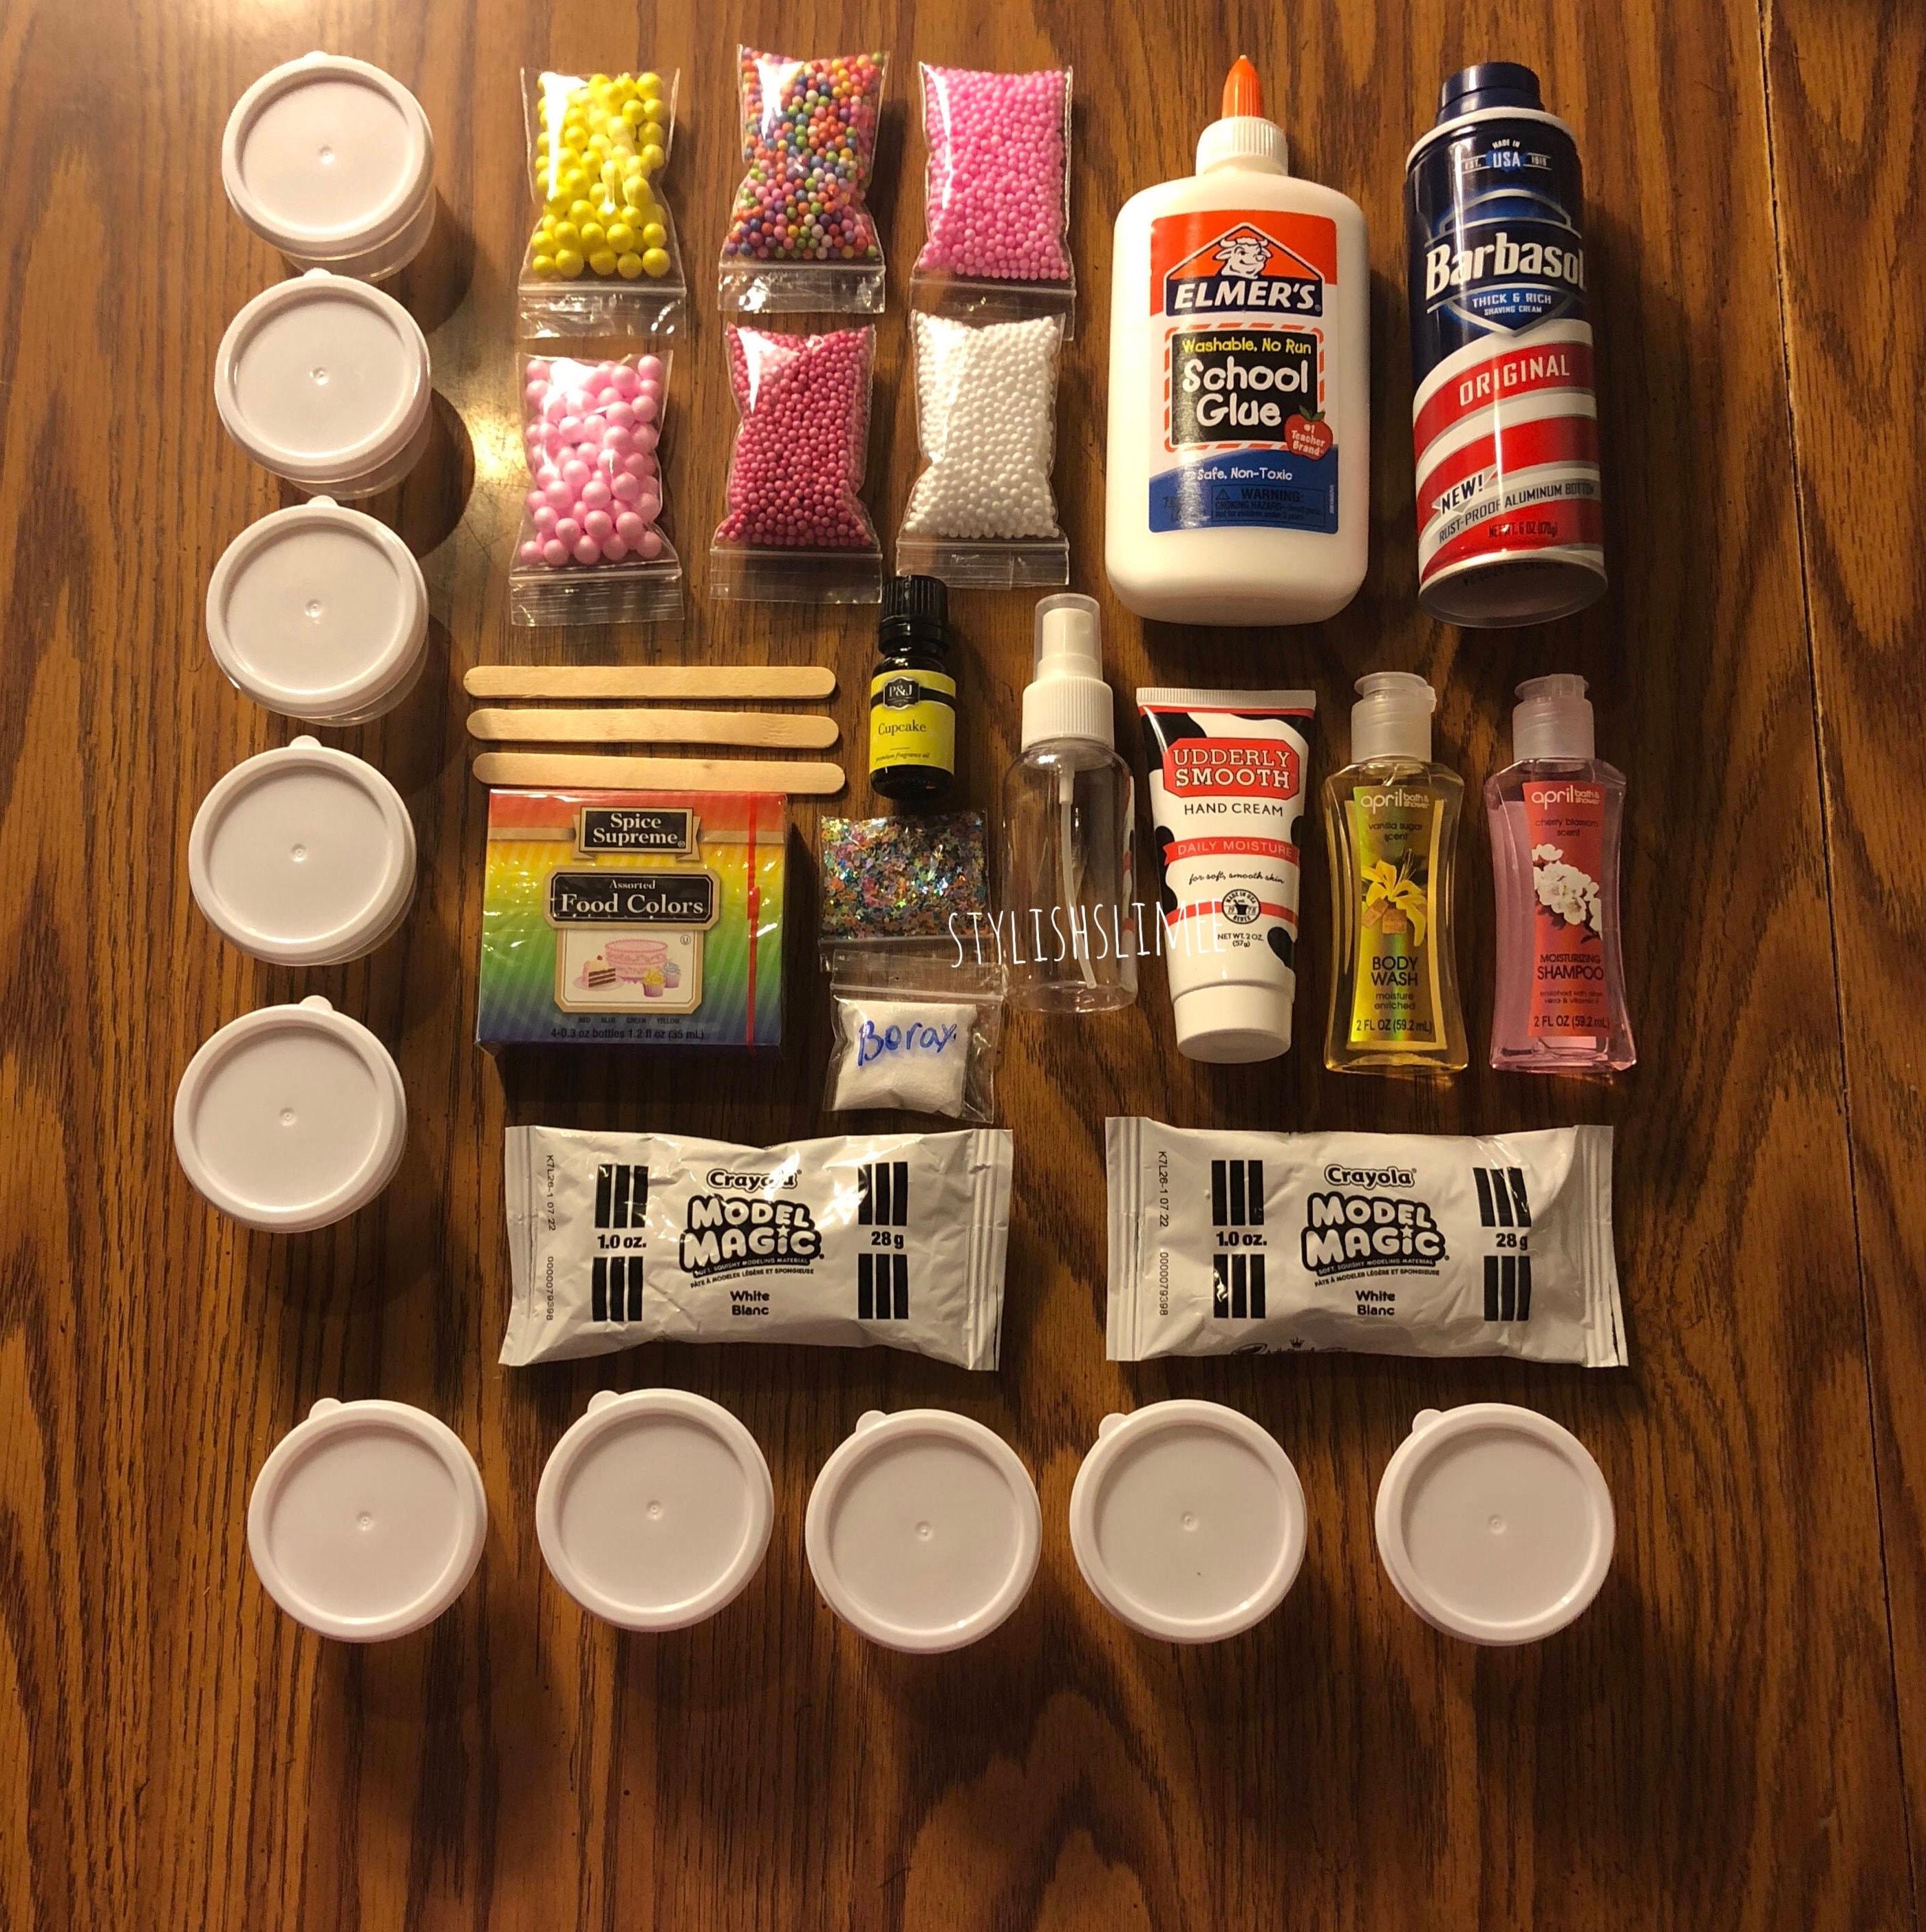 BIRTHDAY CAKE DIY Slime Kit 2 Slime Recipes Included